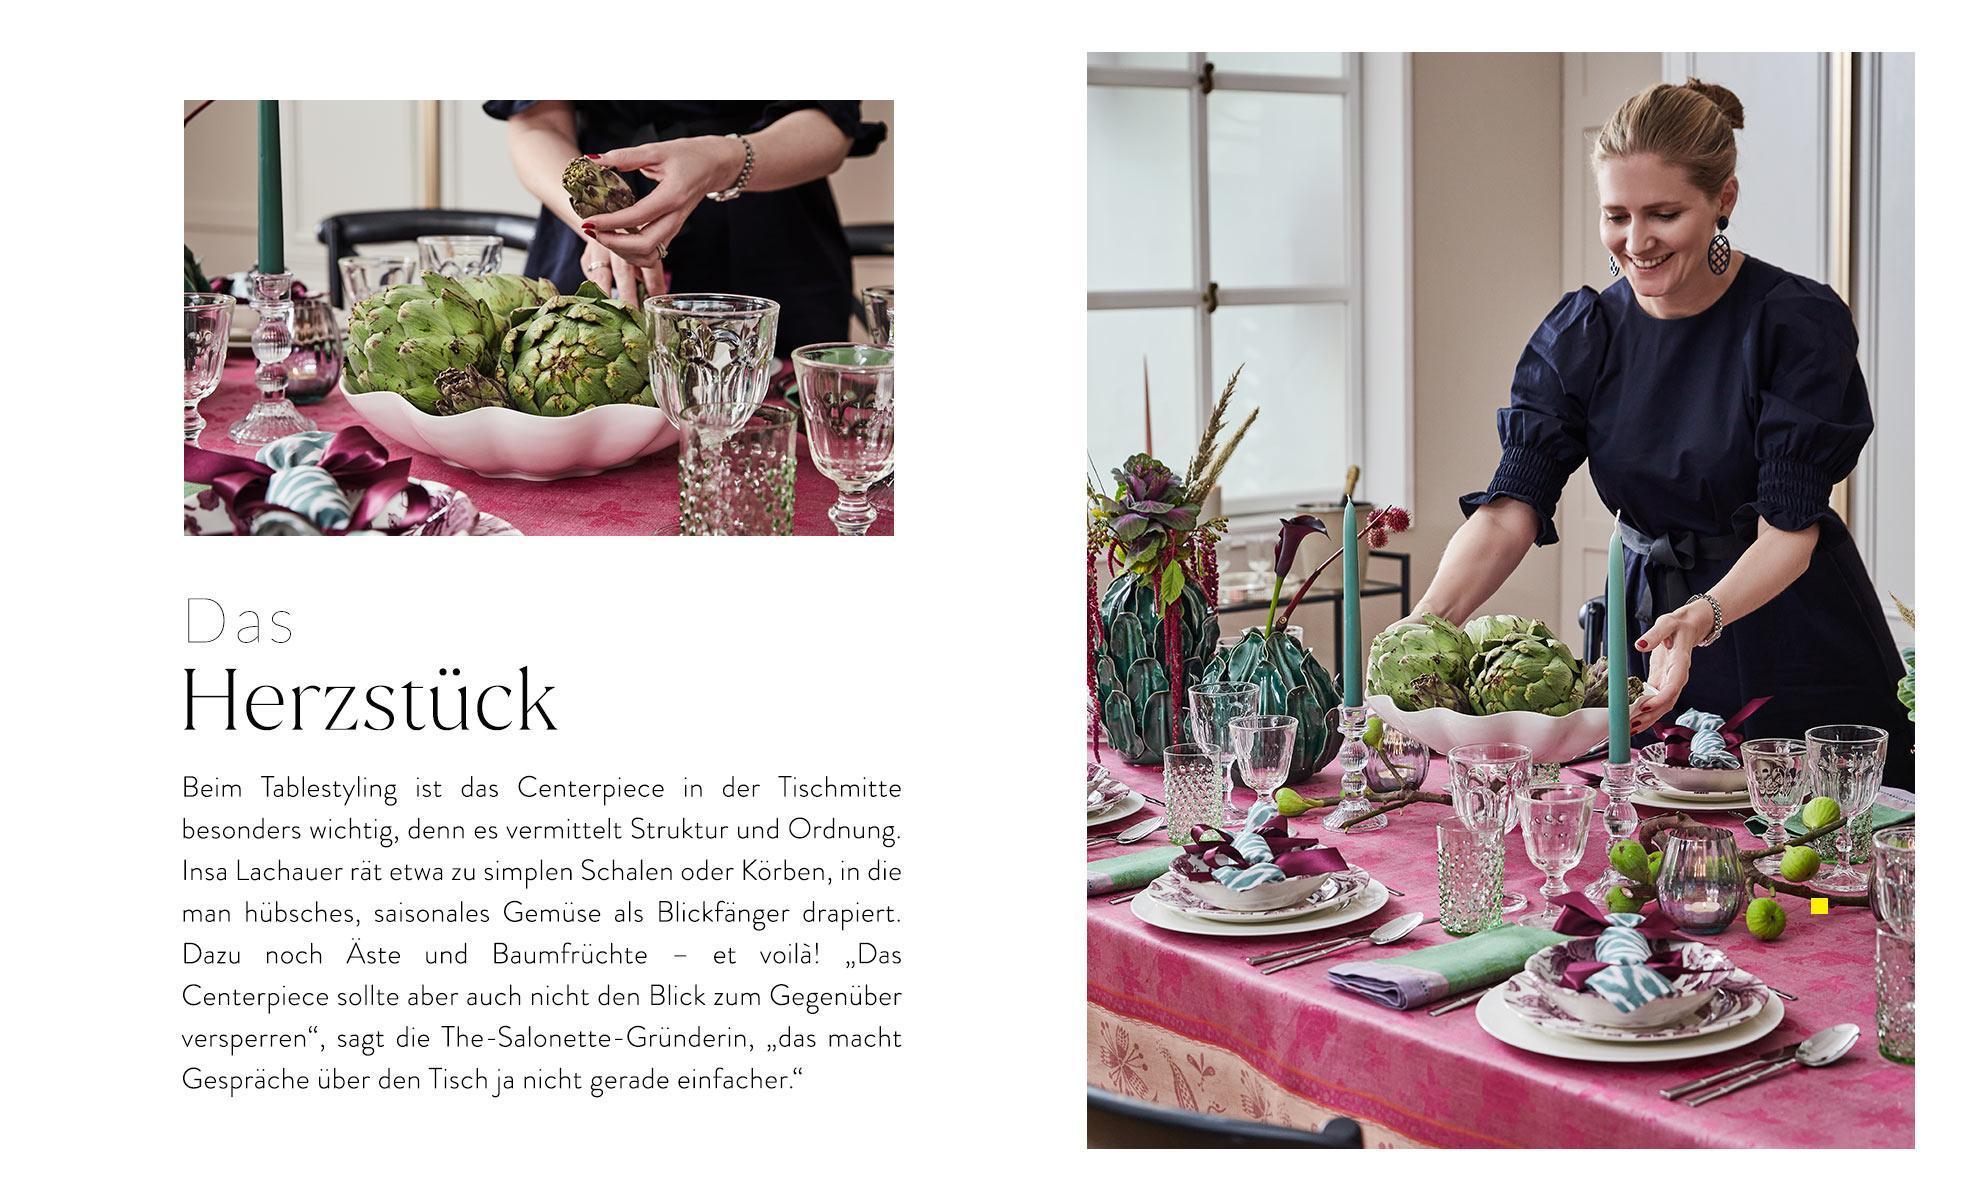 thanksgiving deko Insa Lachauer Tipps Centerpiece